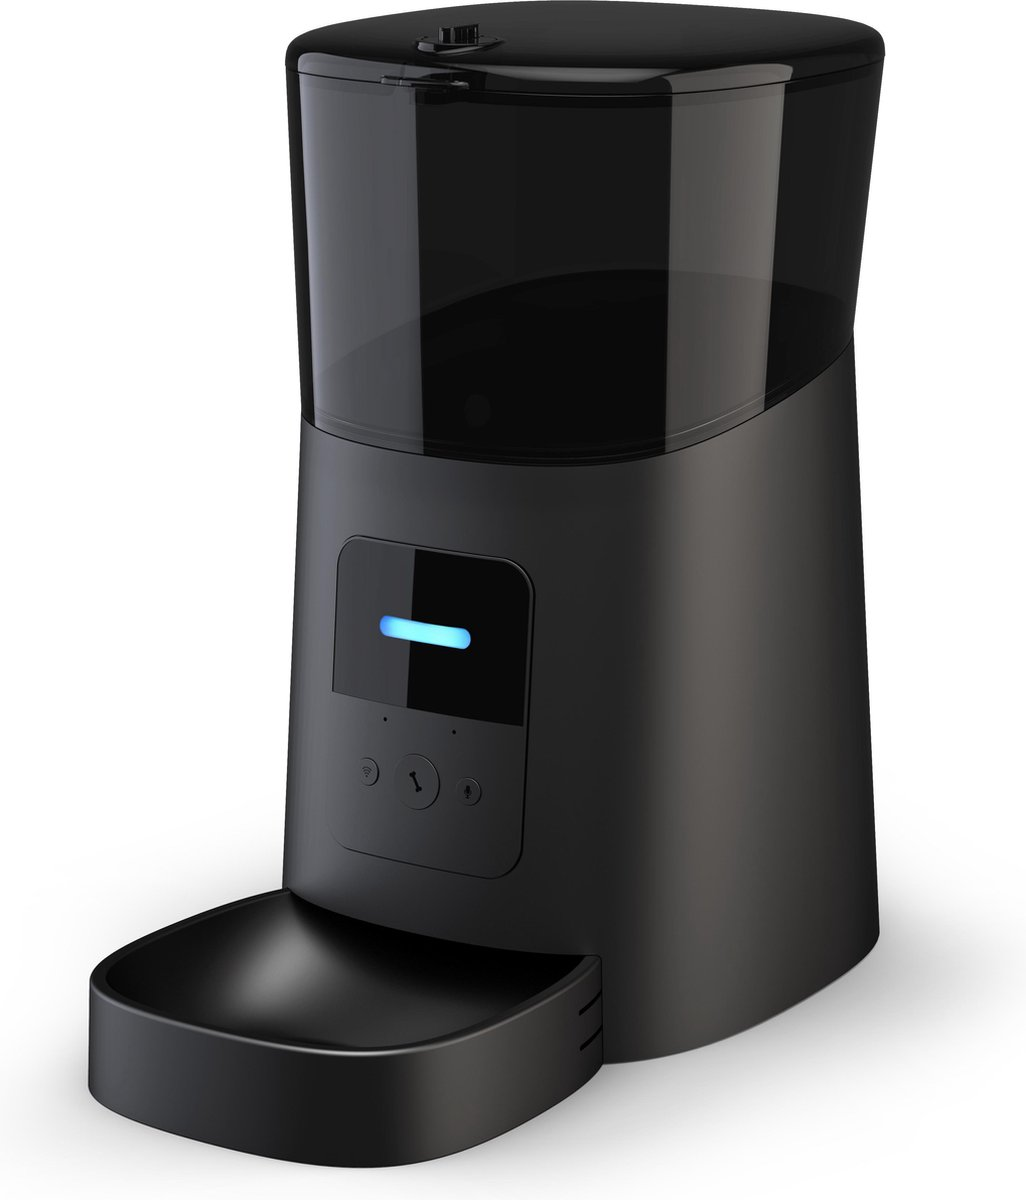 Qeasy Automatisch Voerbak - Voerdispenser Met Applicatie - WiFi - Stemrecorder - Katten - Honden - Z